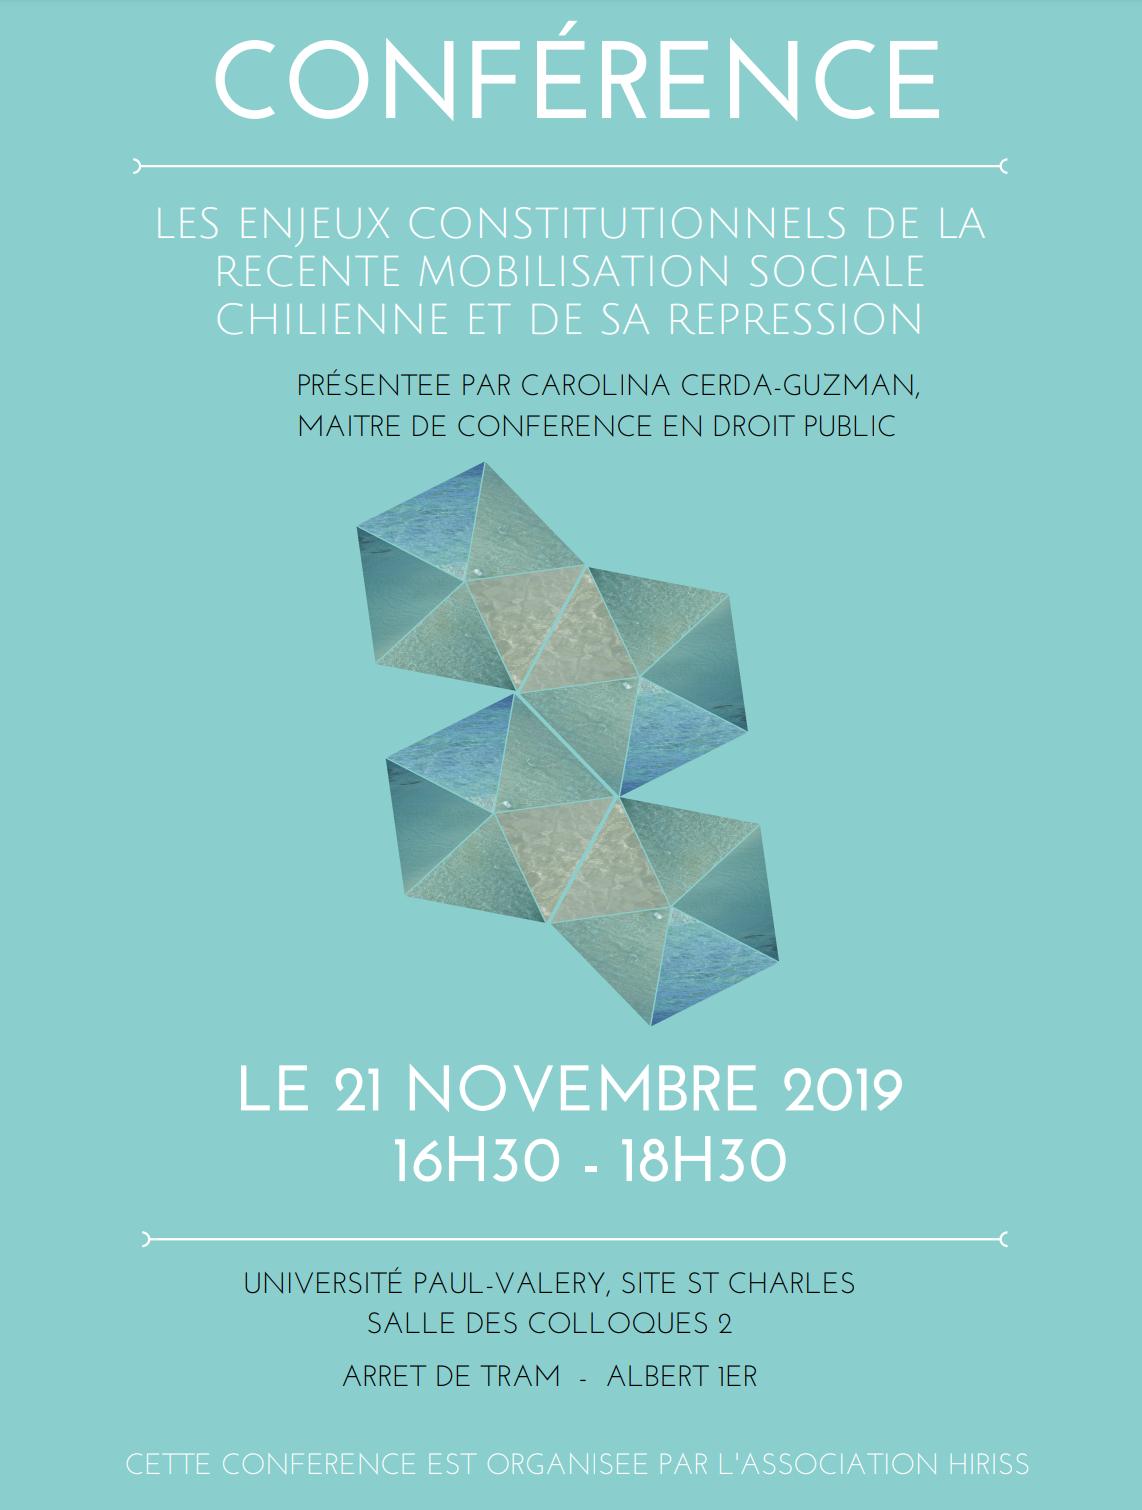 affiche de la conférence de Carolina Cerda-Guzman sur le Chili